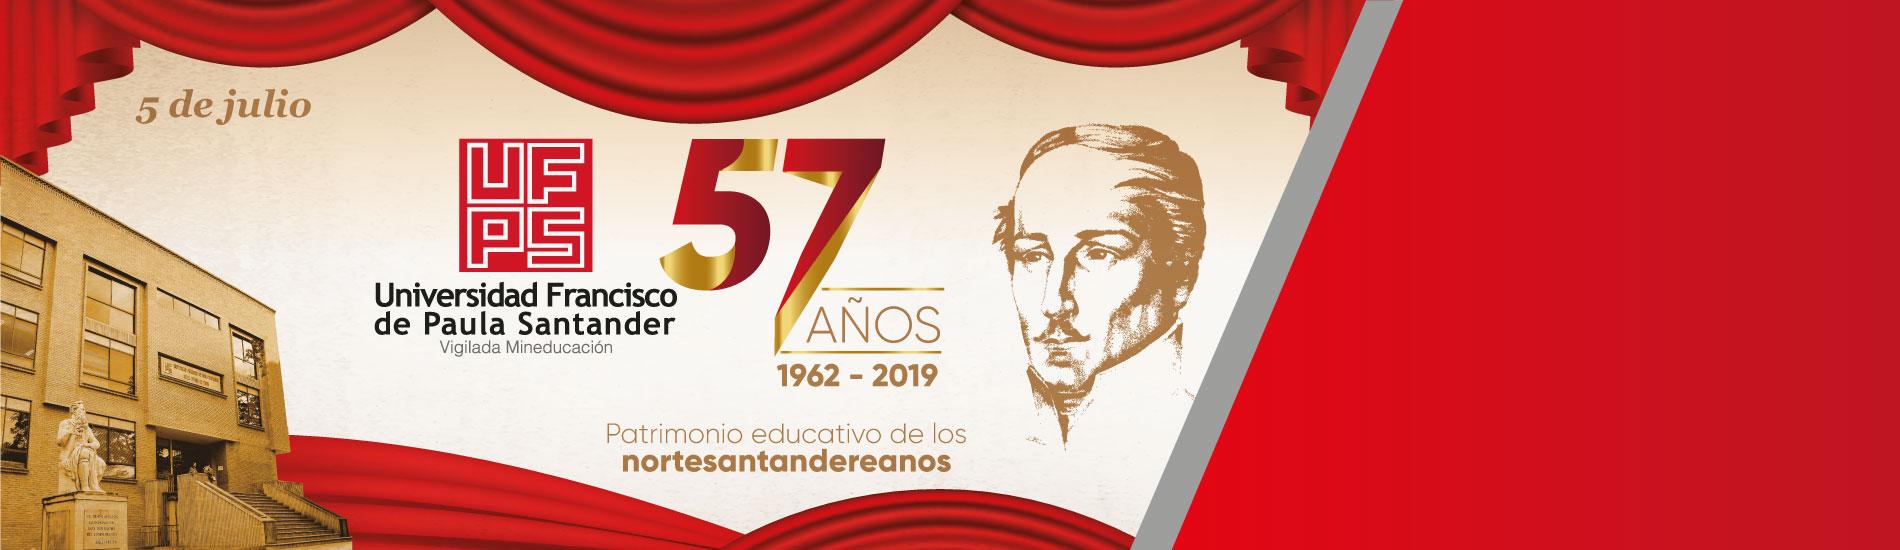 57 años consolidando proyectos de vida y aportando al desarrollo de la región